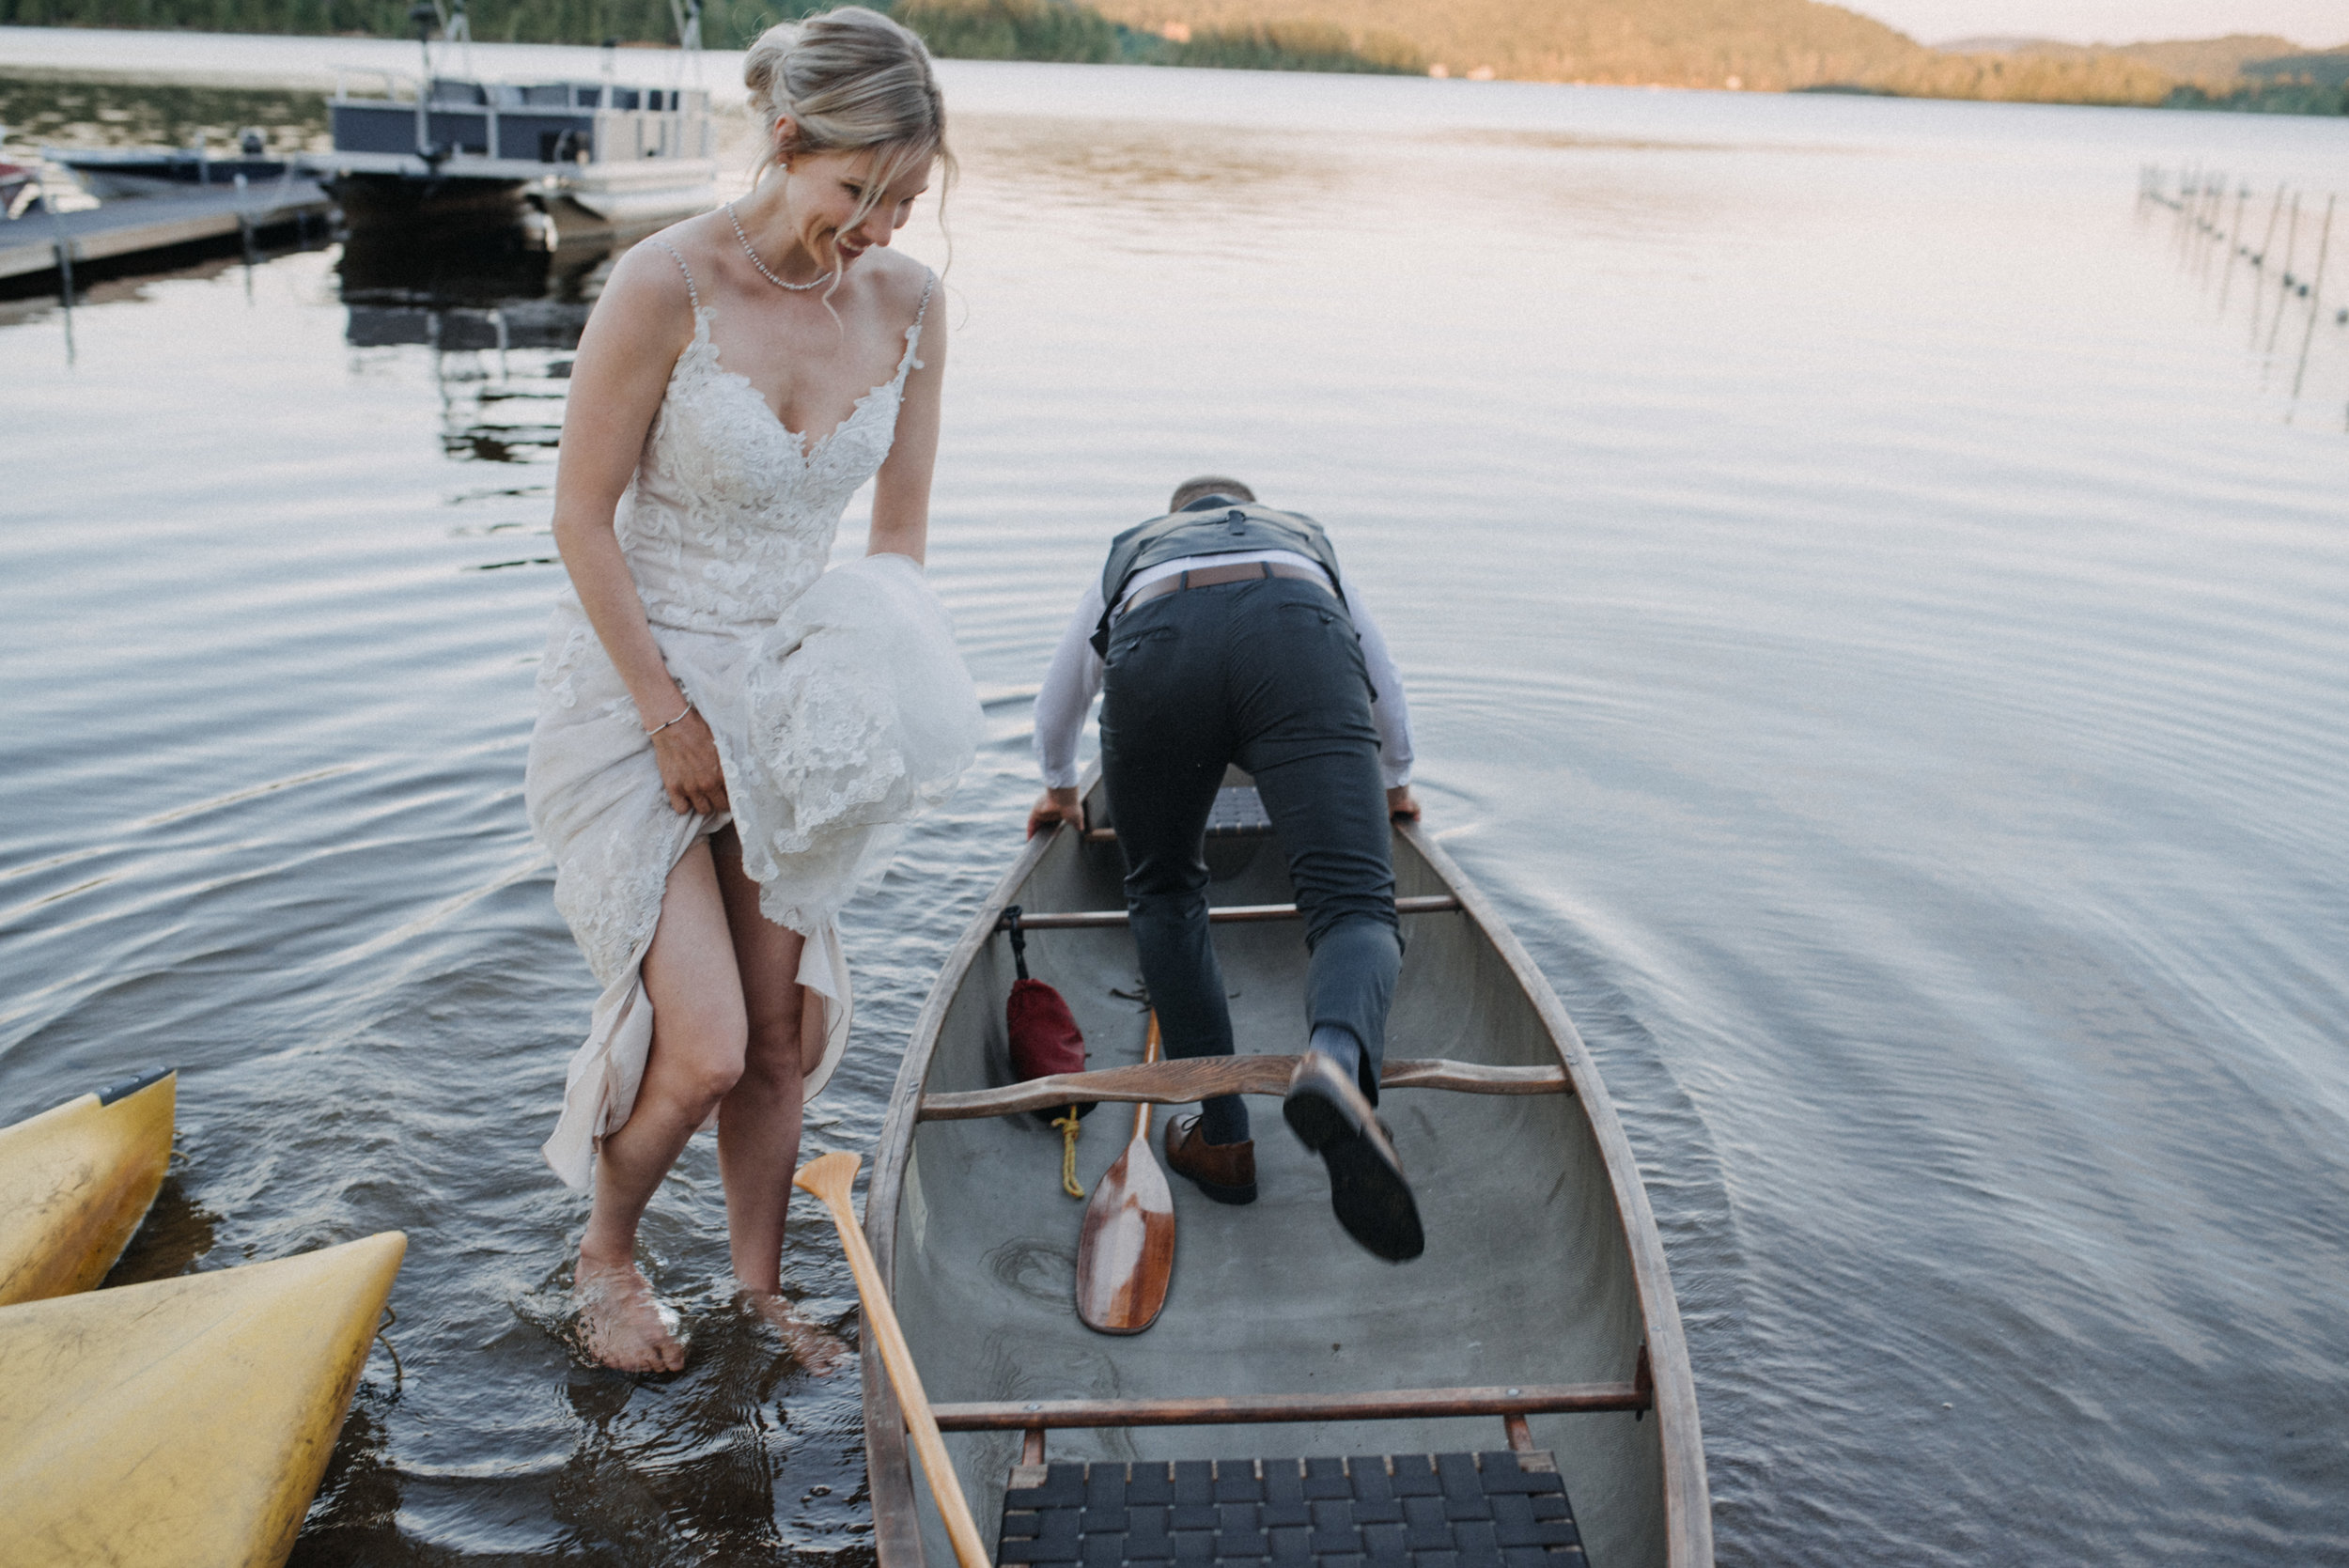 gatineau_photographe_mariage_ottawa_wedding_photography_documentary_candid_unposed_lifestyle_photography_photographie_613_family_famille (8).jpg